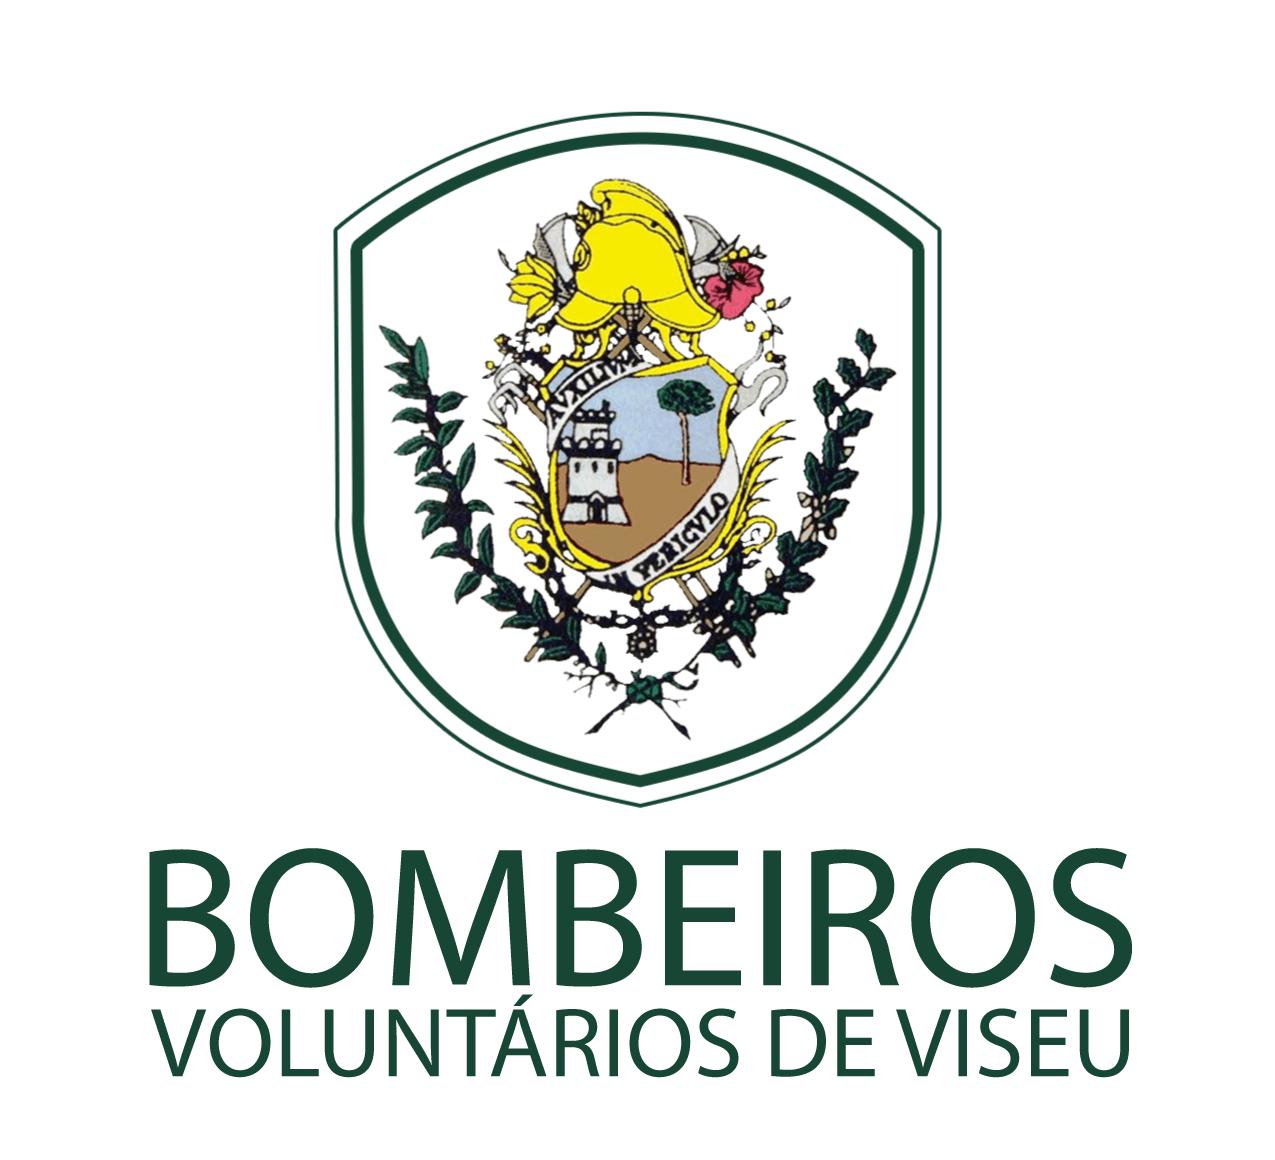 Bombeiros Voluntários de Viseu